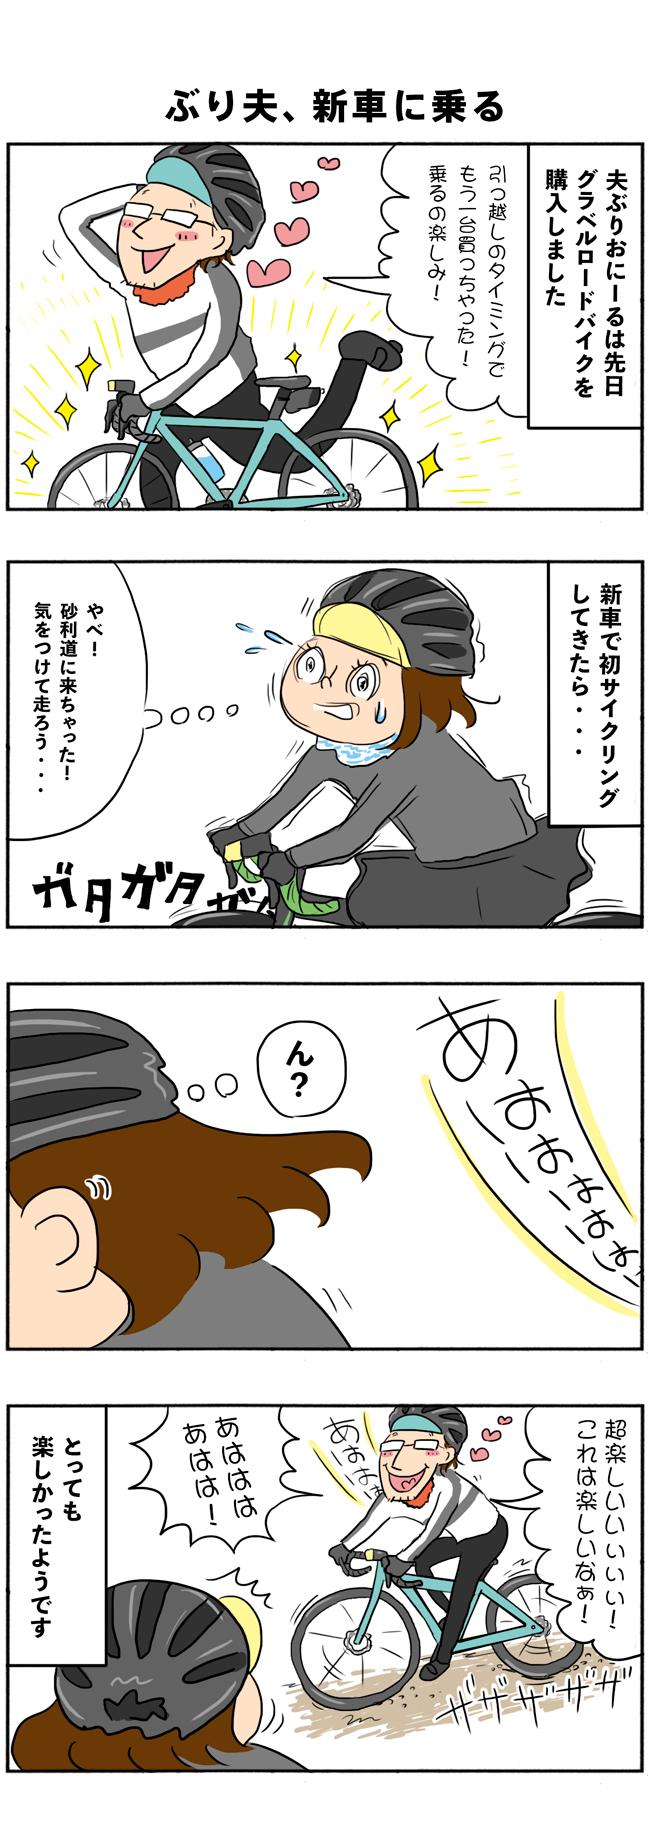 【漫画】ぶり夫がグラベルロードバイクを購入しました!初サイクリングはいかに・・・!